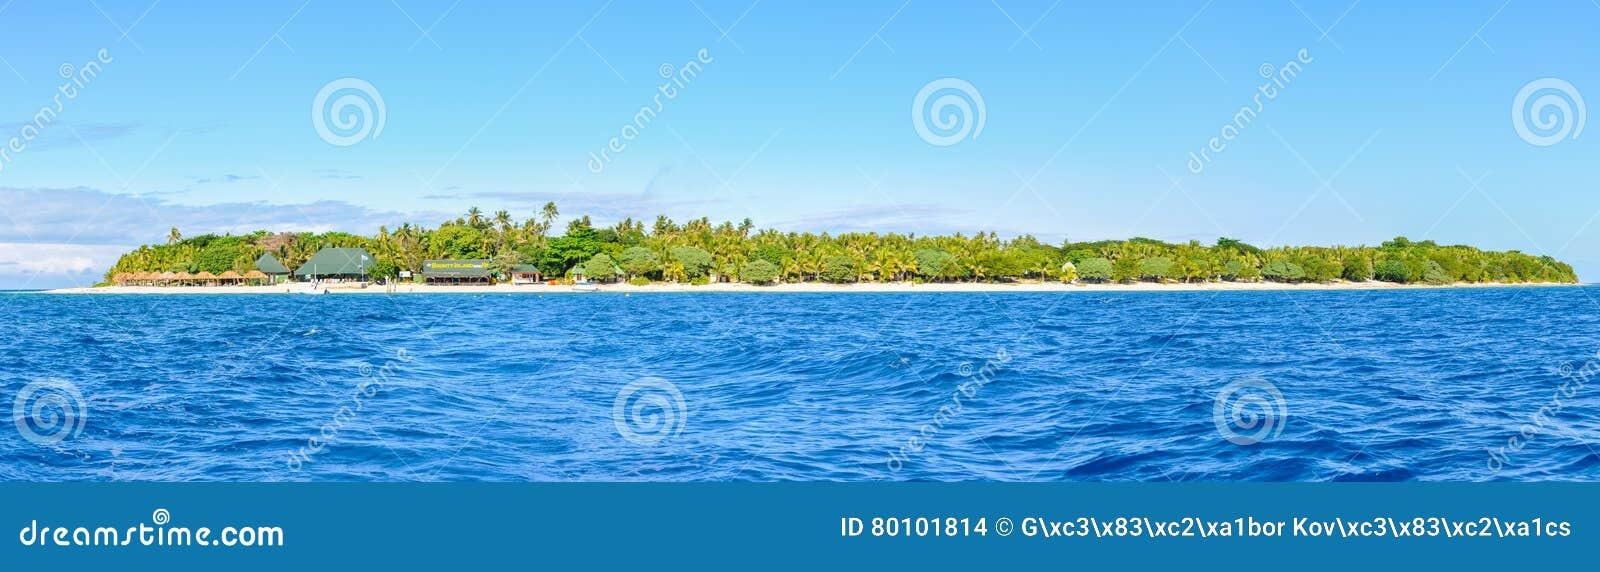 Vista panorâmica da ilha da recompensa em Fiji